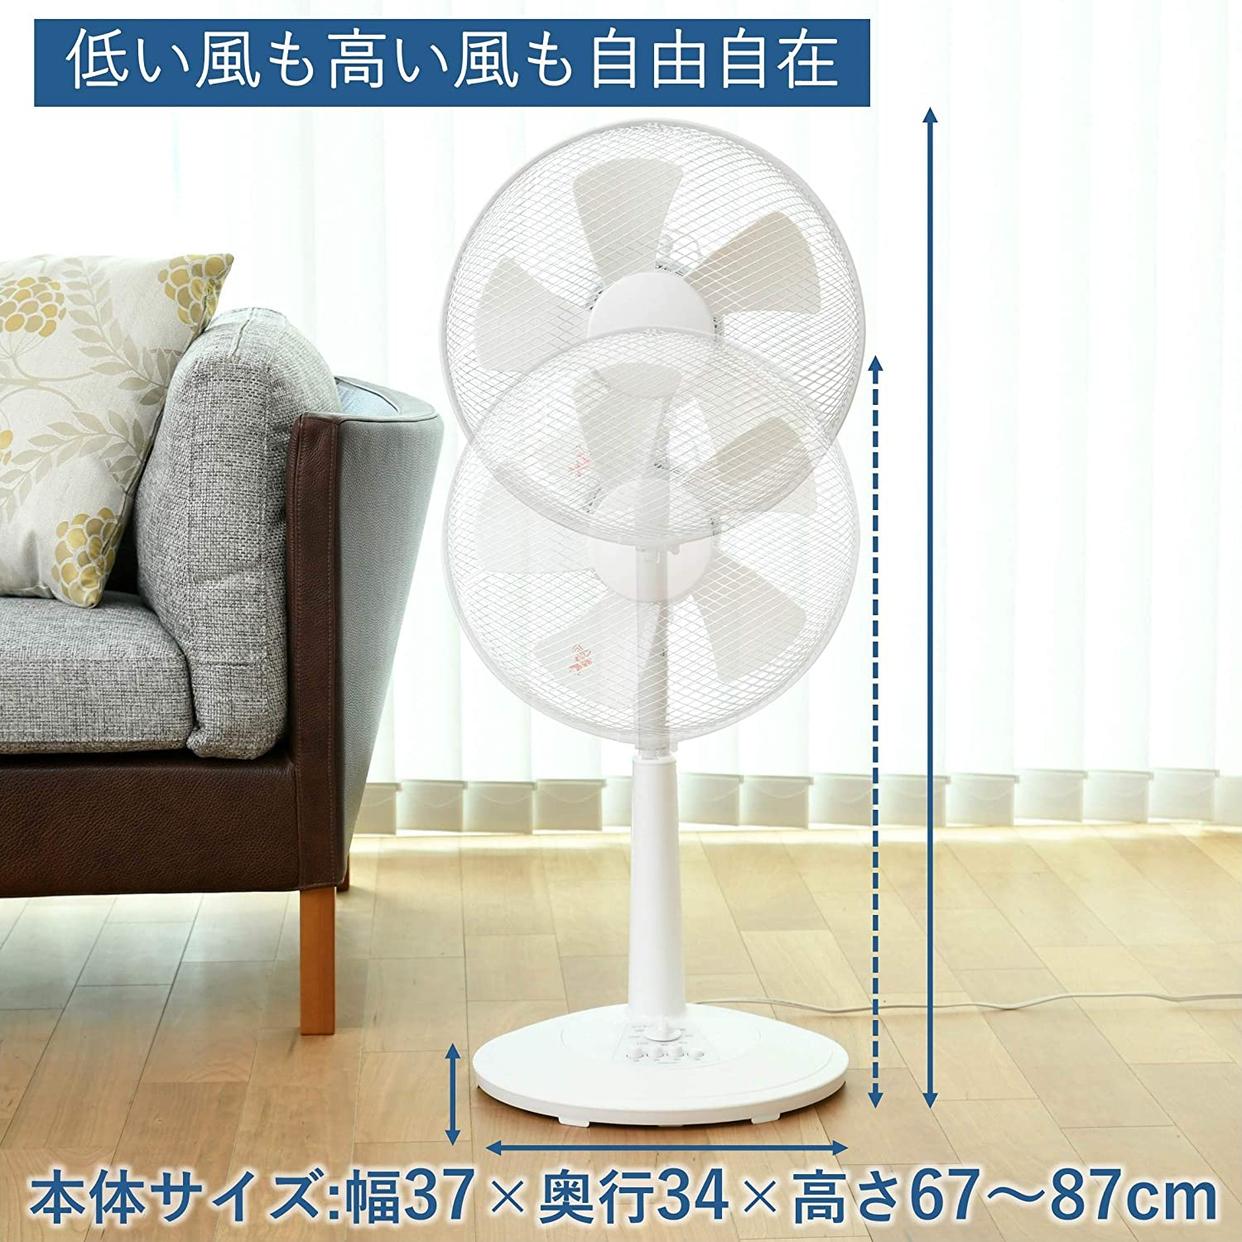 山善(YAMAZEN) 30cmリビング扇風機 YLT-C30の商品画像7